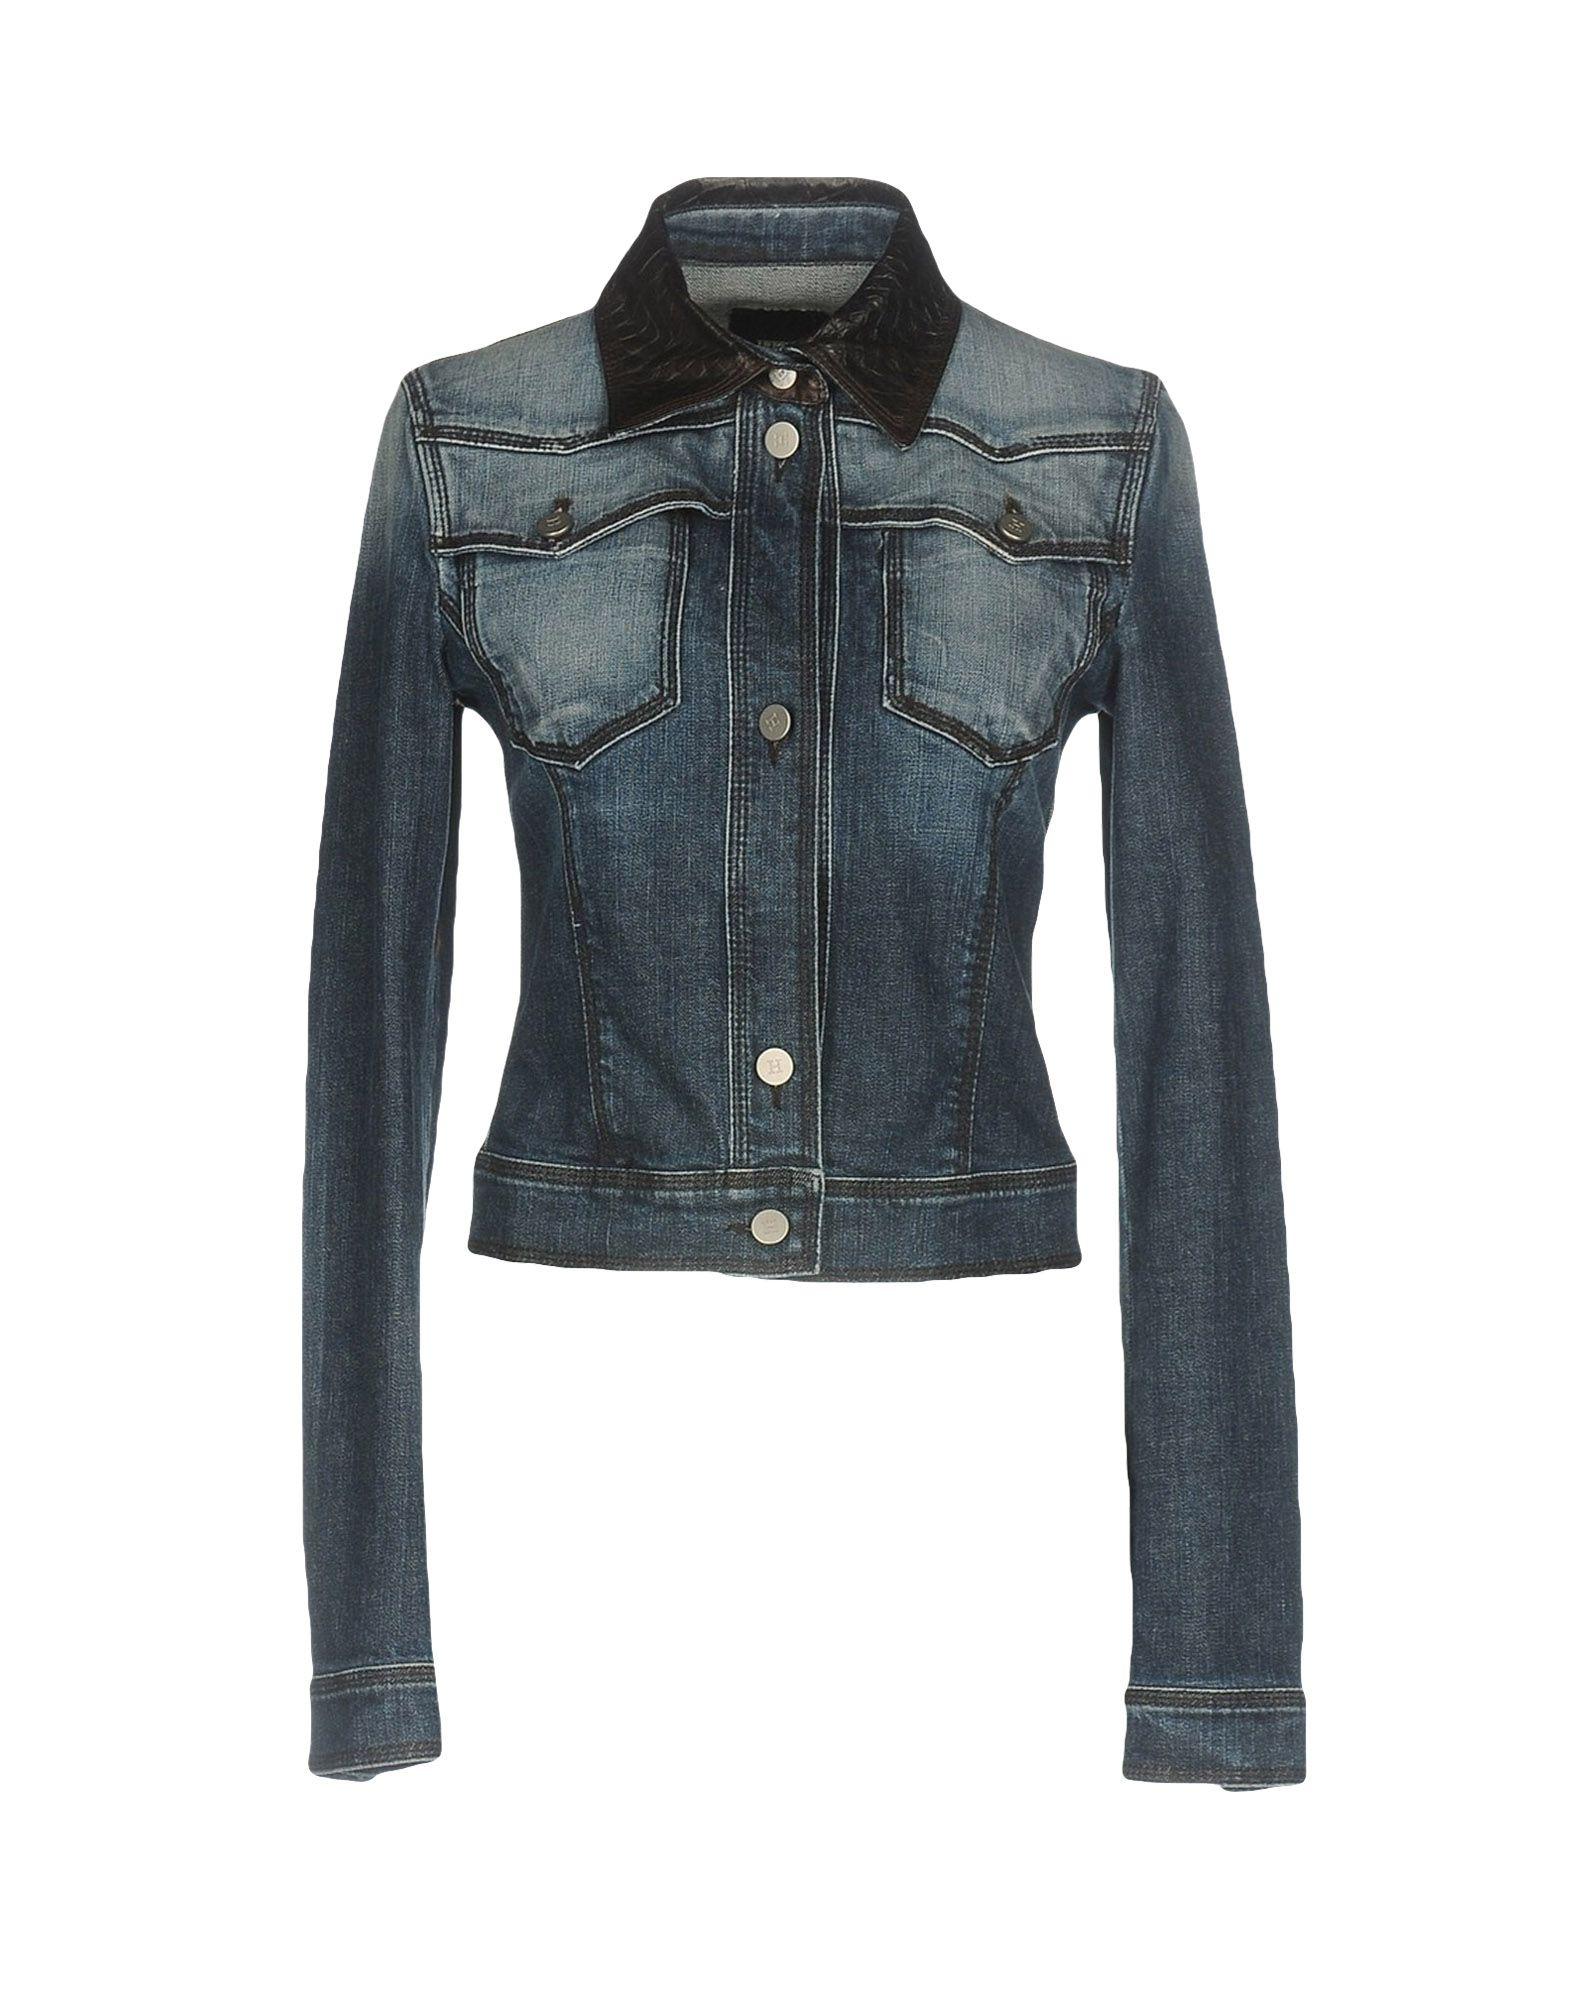 HUSKY Джинсовая верхняя одежда wood wood джинсовая верхняя одежда